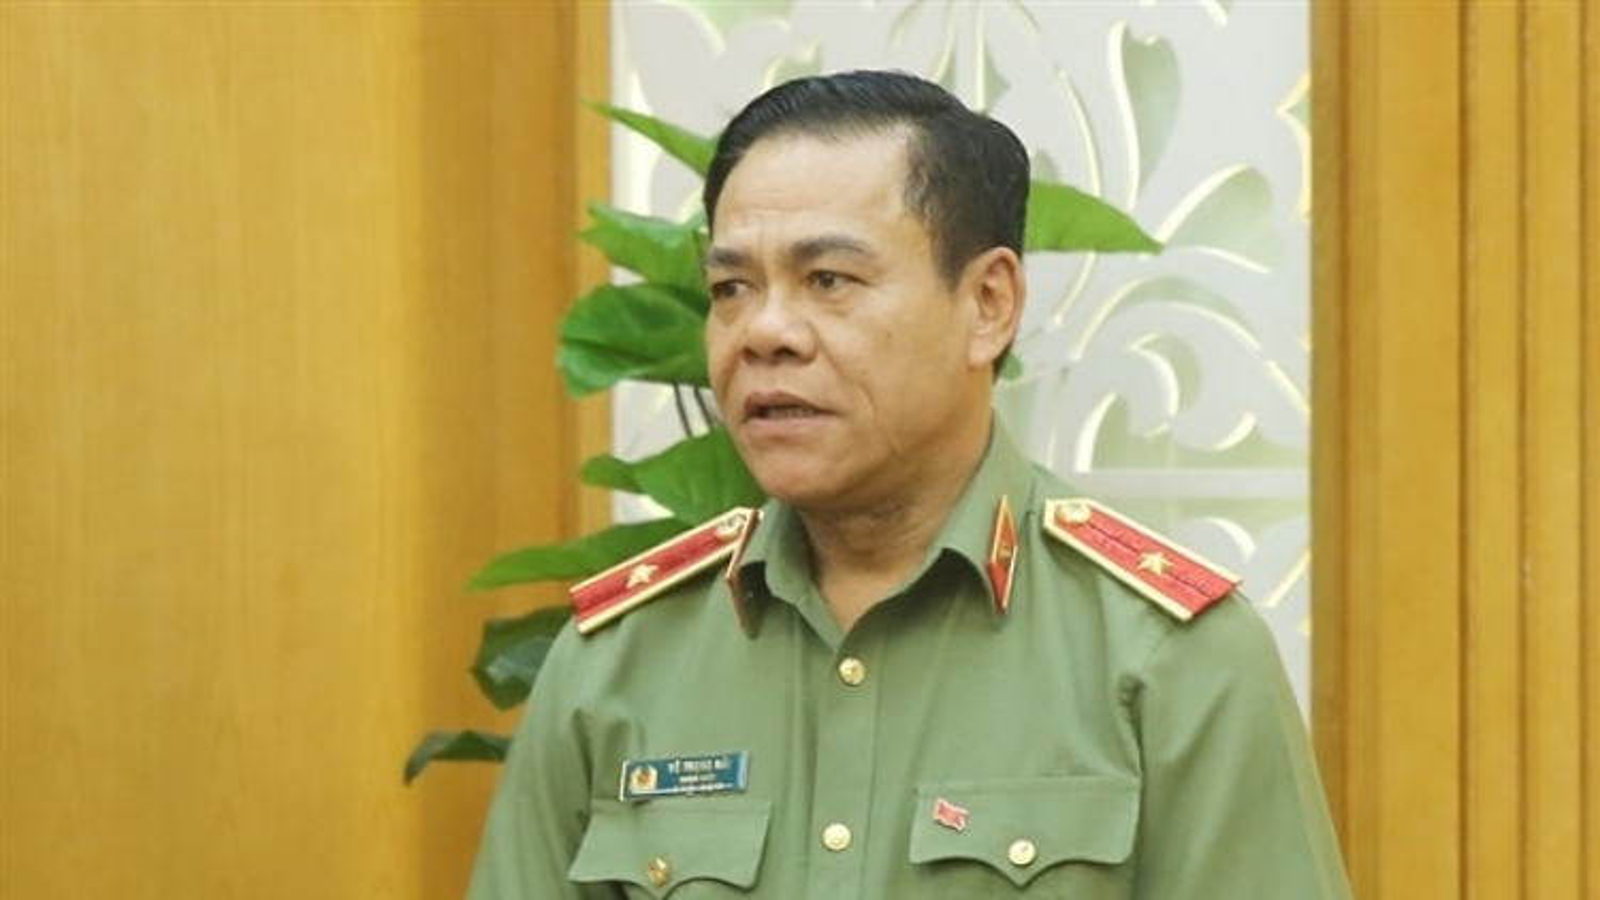 Ông Võ Trọng Hải được giới thiệu bầu giữ chức Chủ tịch UBND tỉnh Hà Tĩnh